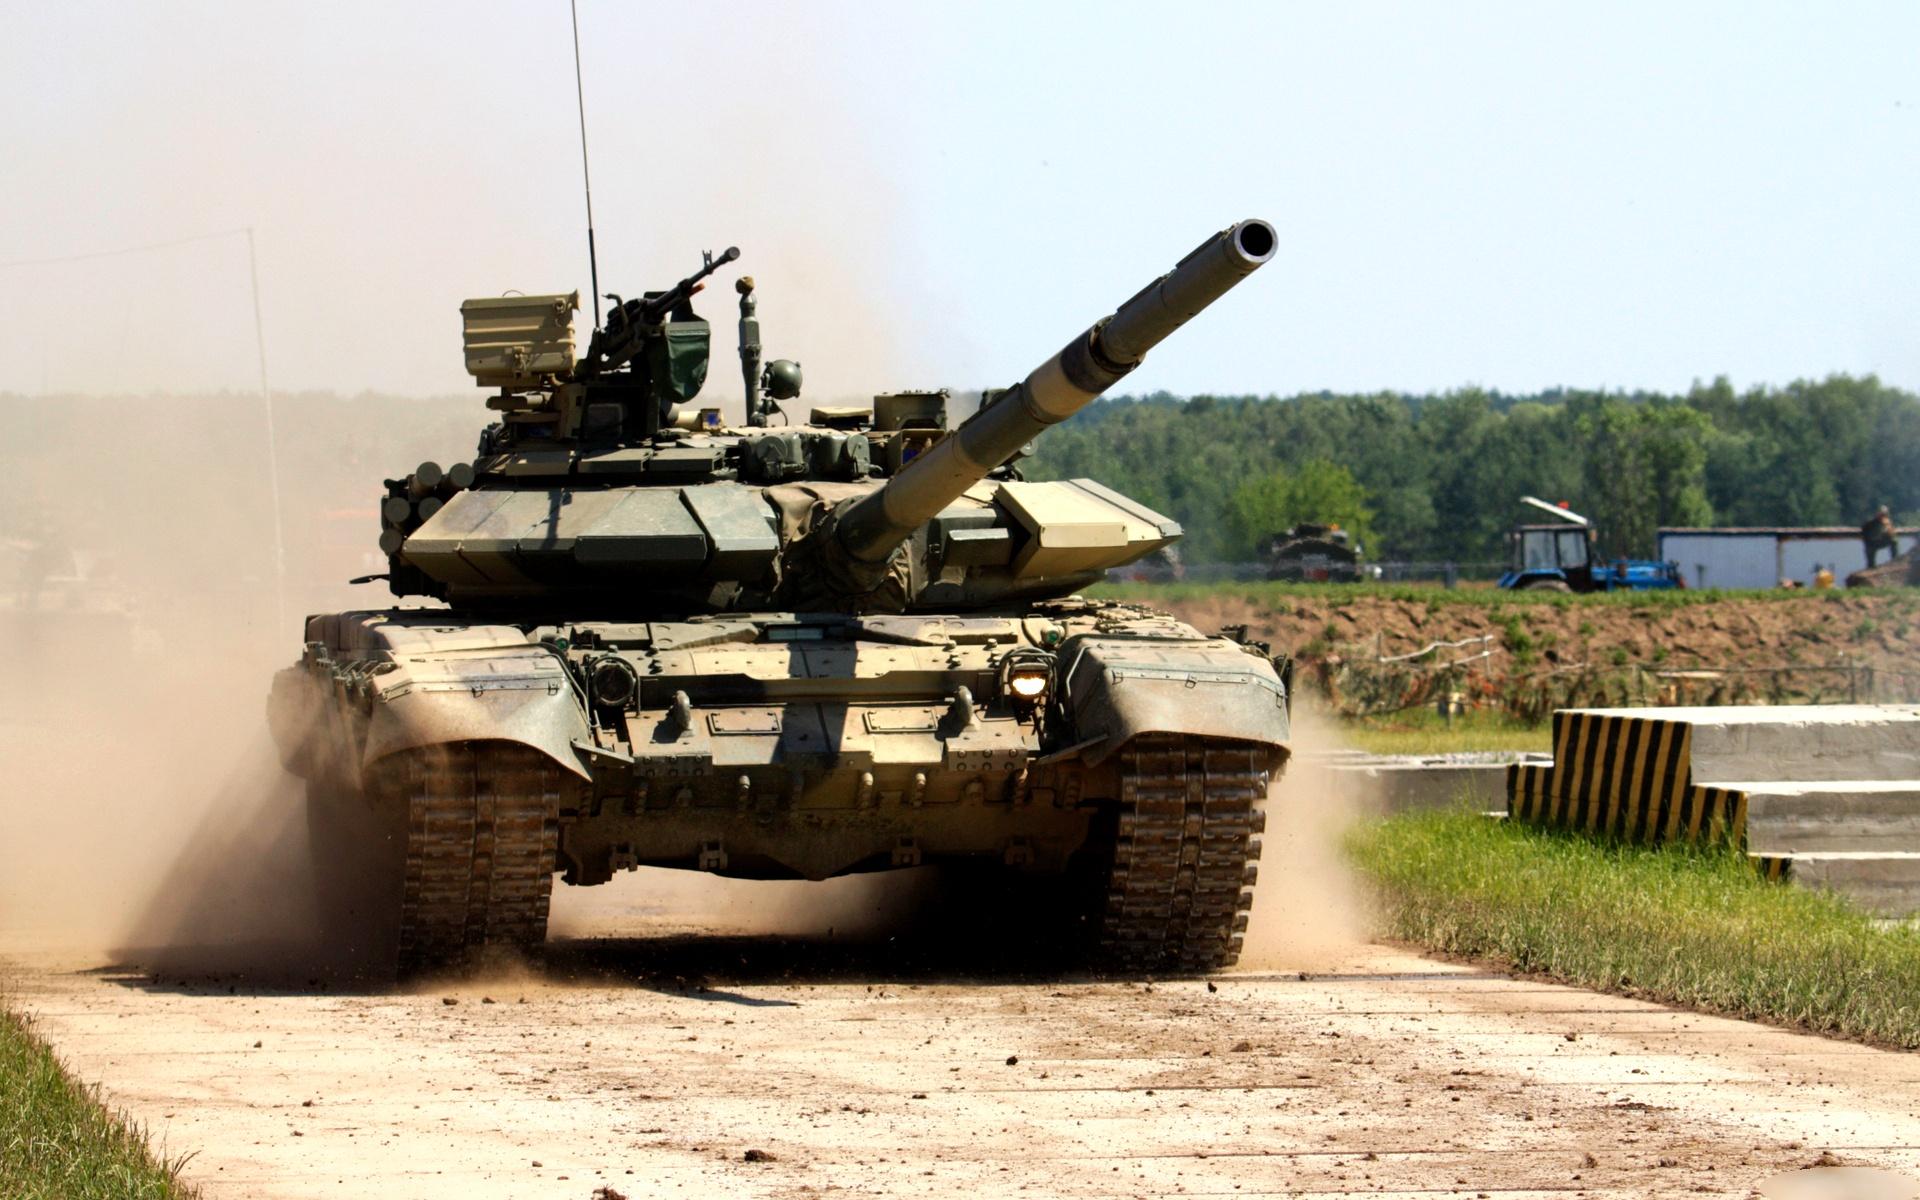 выбрать самое фото военная техника танки этом разделе